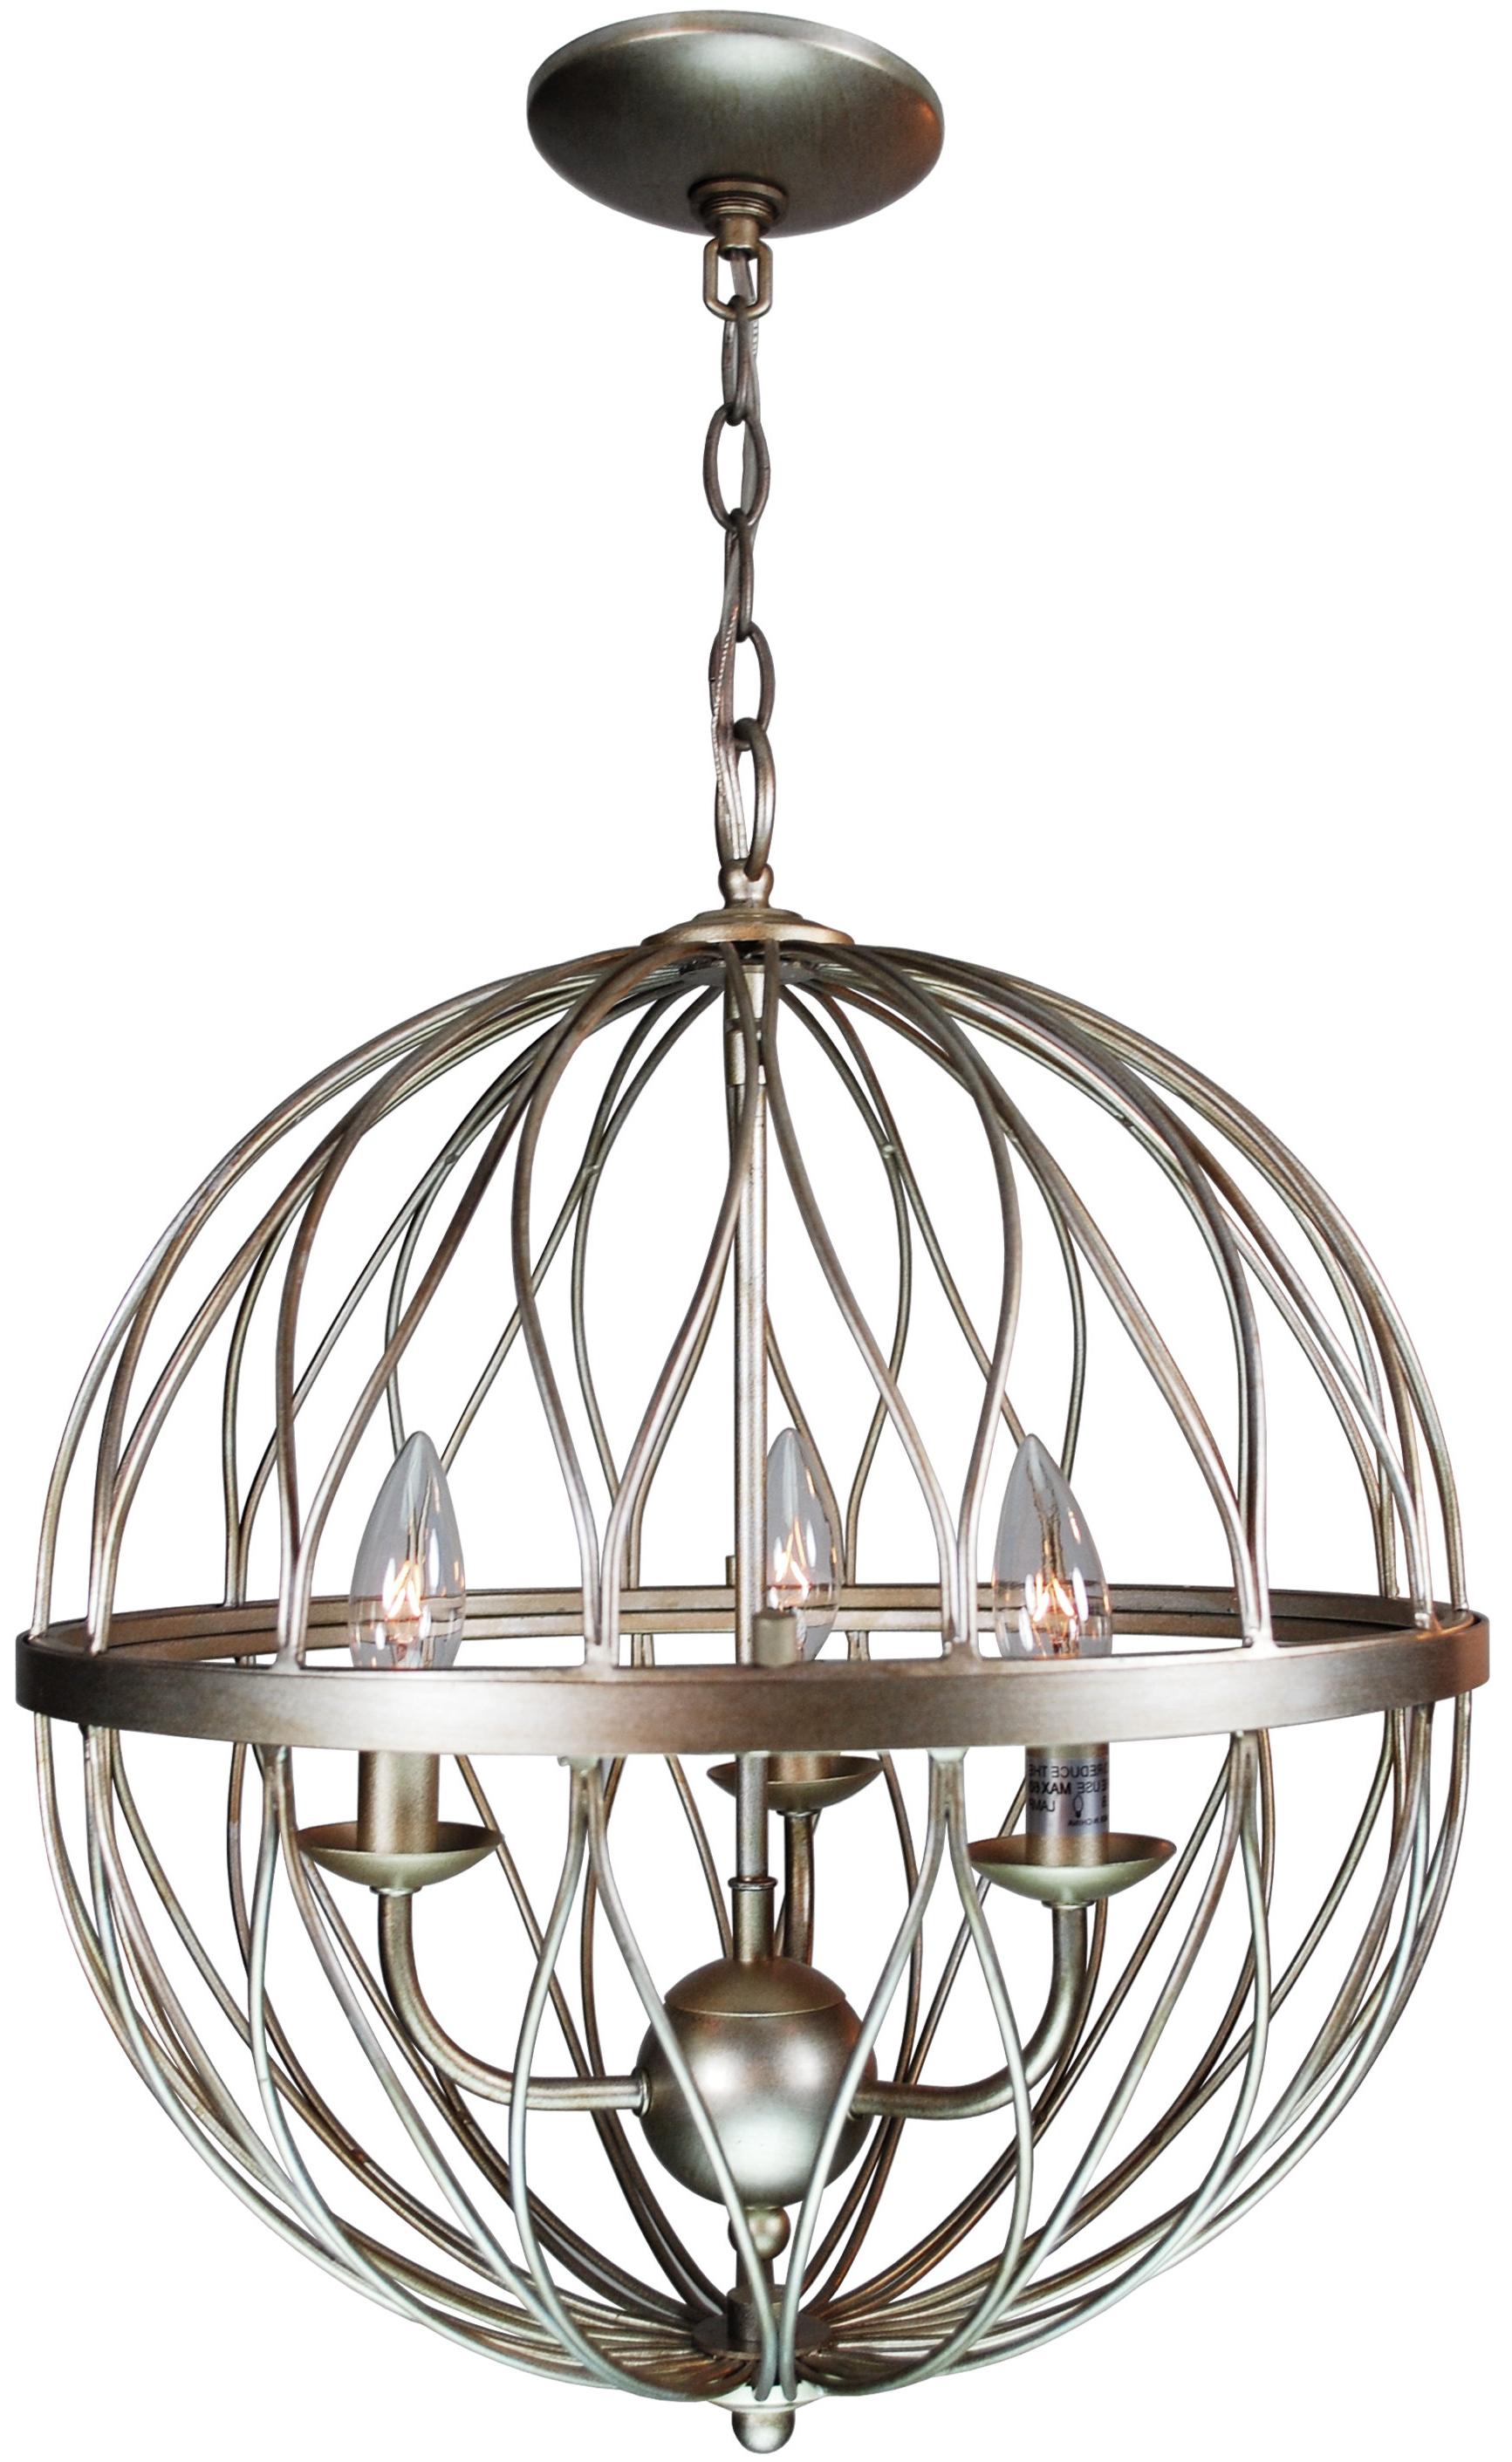 Brittain 3 Light Globe Chandelier With Most Popular Shipststour 3 Light Globe Chandeliers (View 5 of 25)